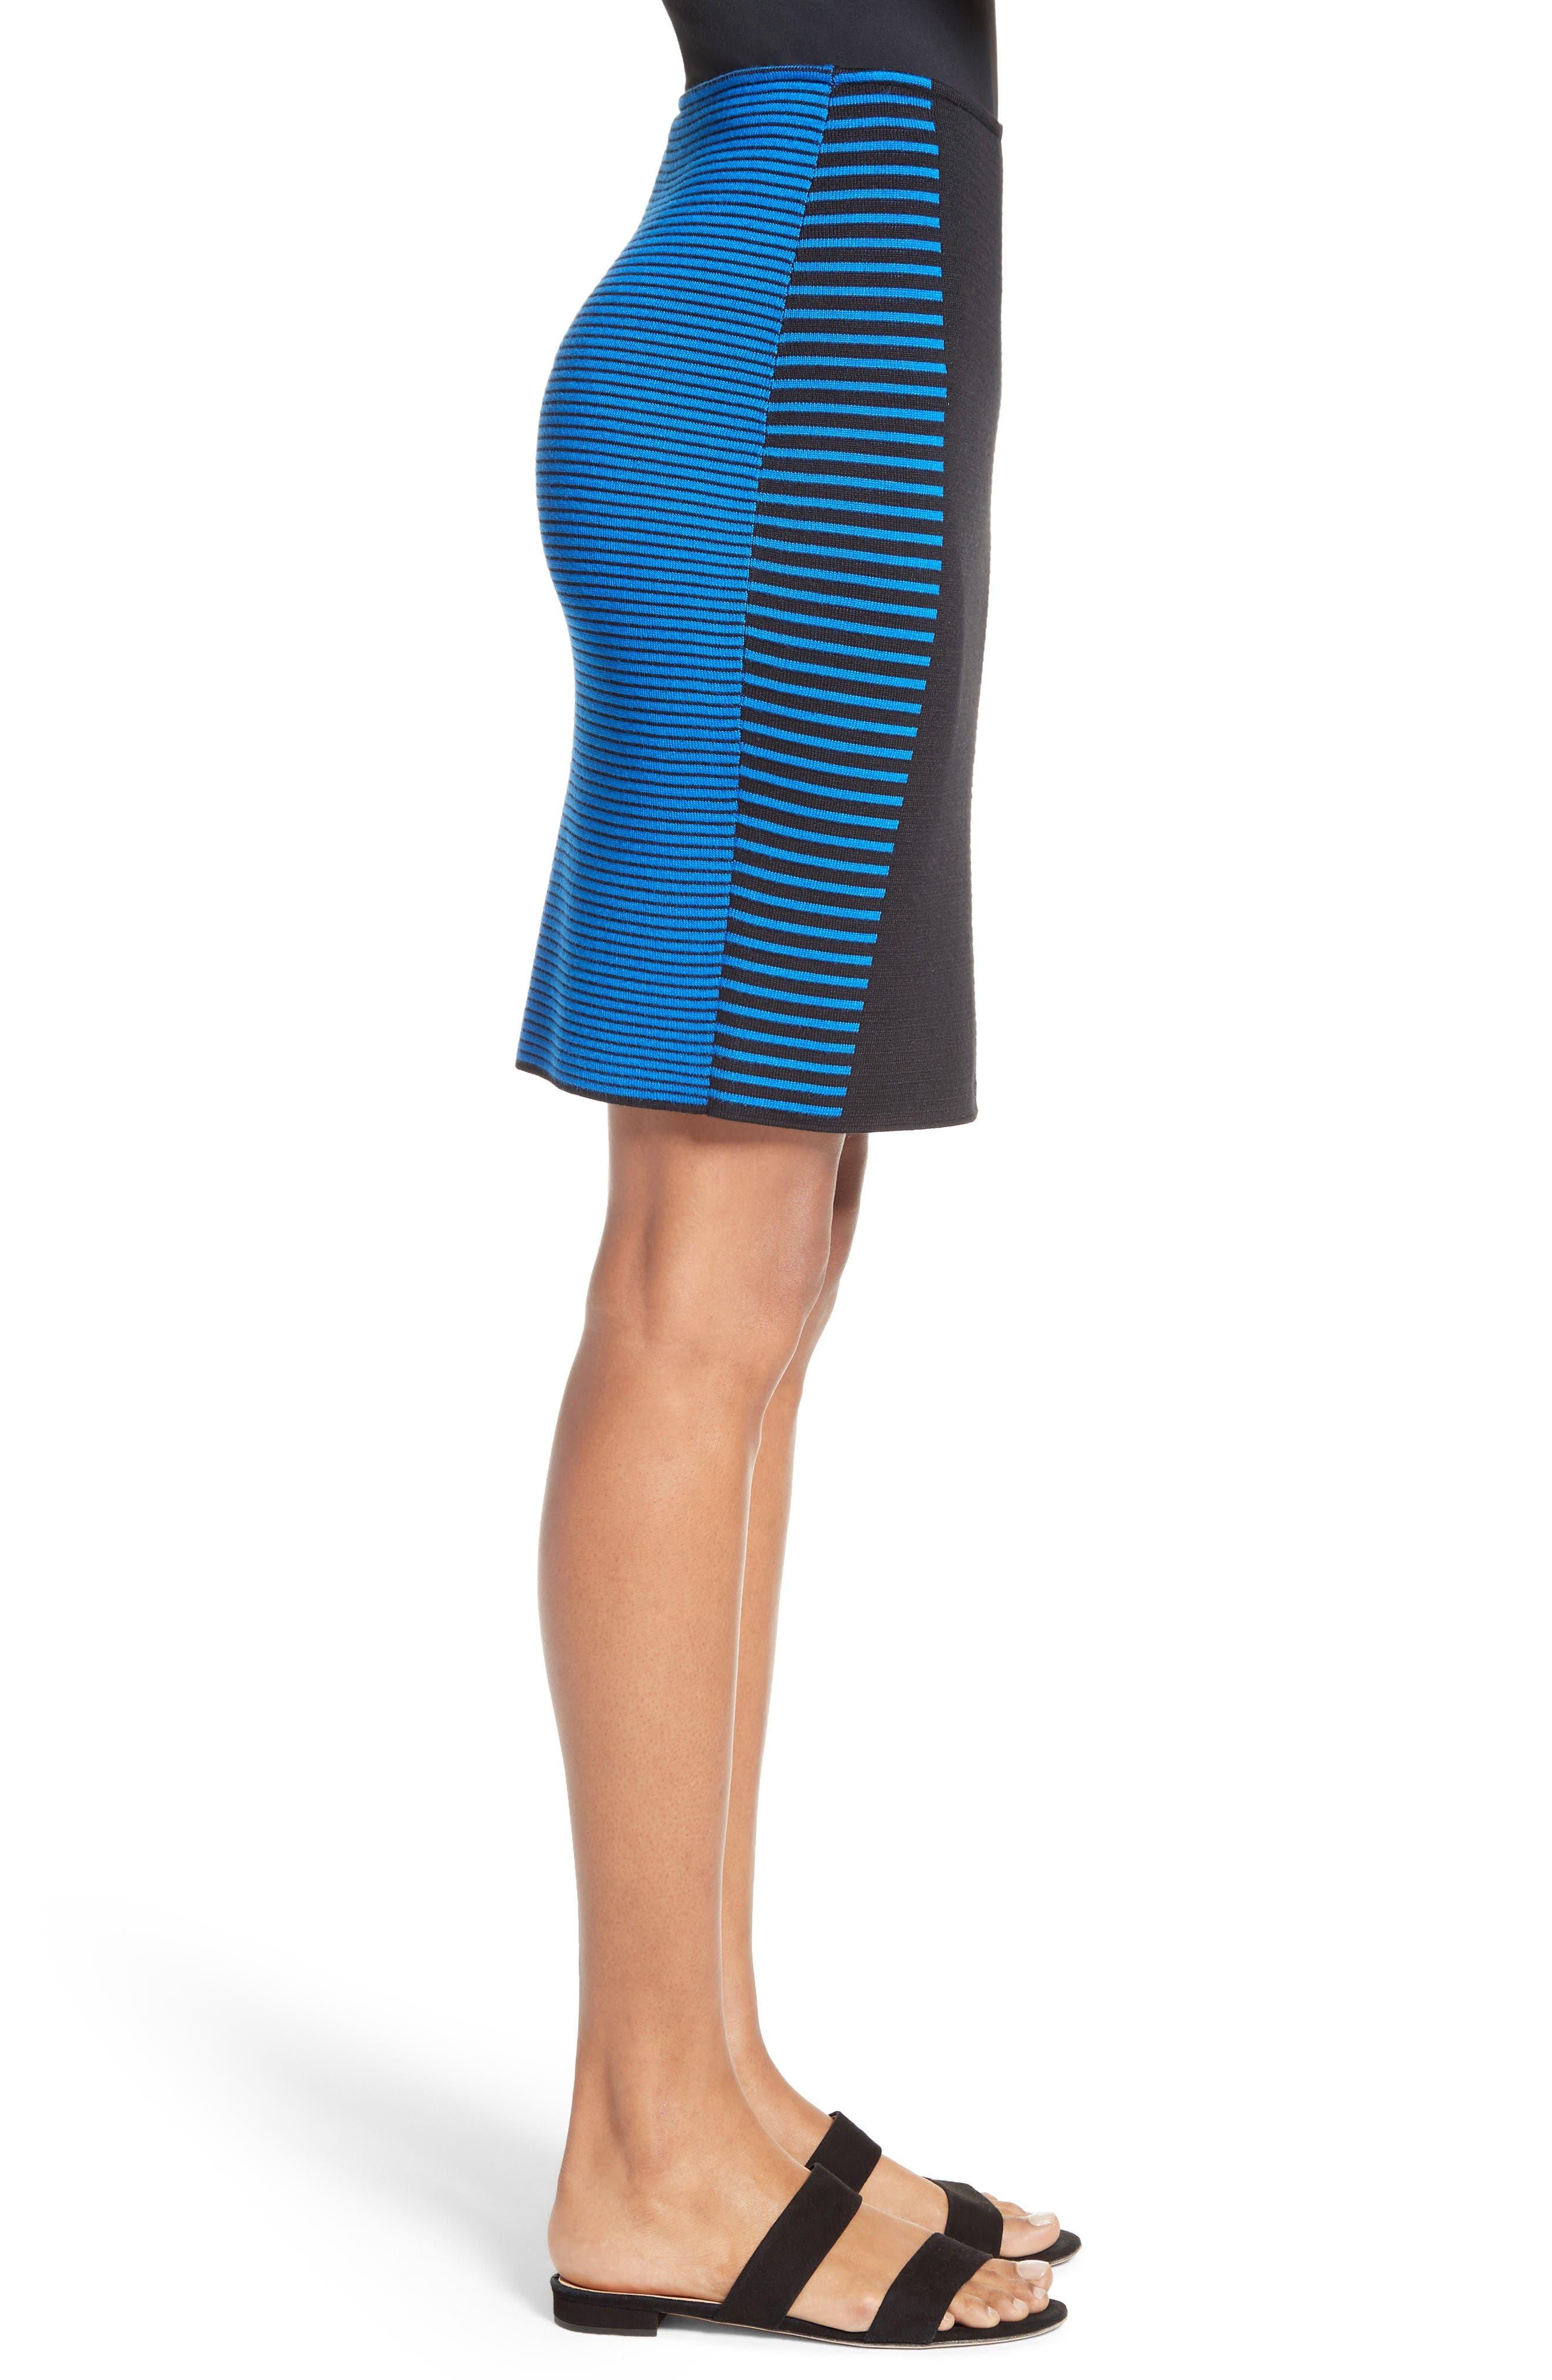 Stripe Knit Jacquard Pencil Skirt,                             Alternate thumbnail 3, color,                             Caviar/ Jaya Blue